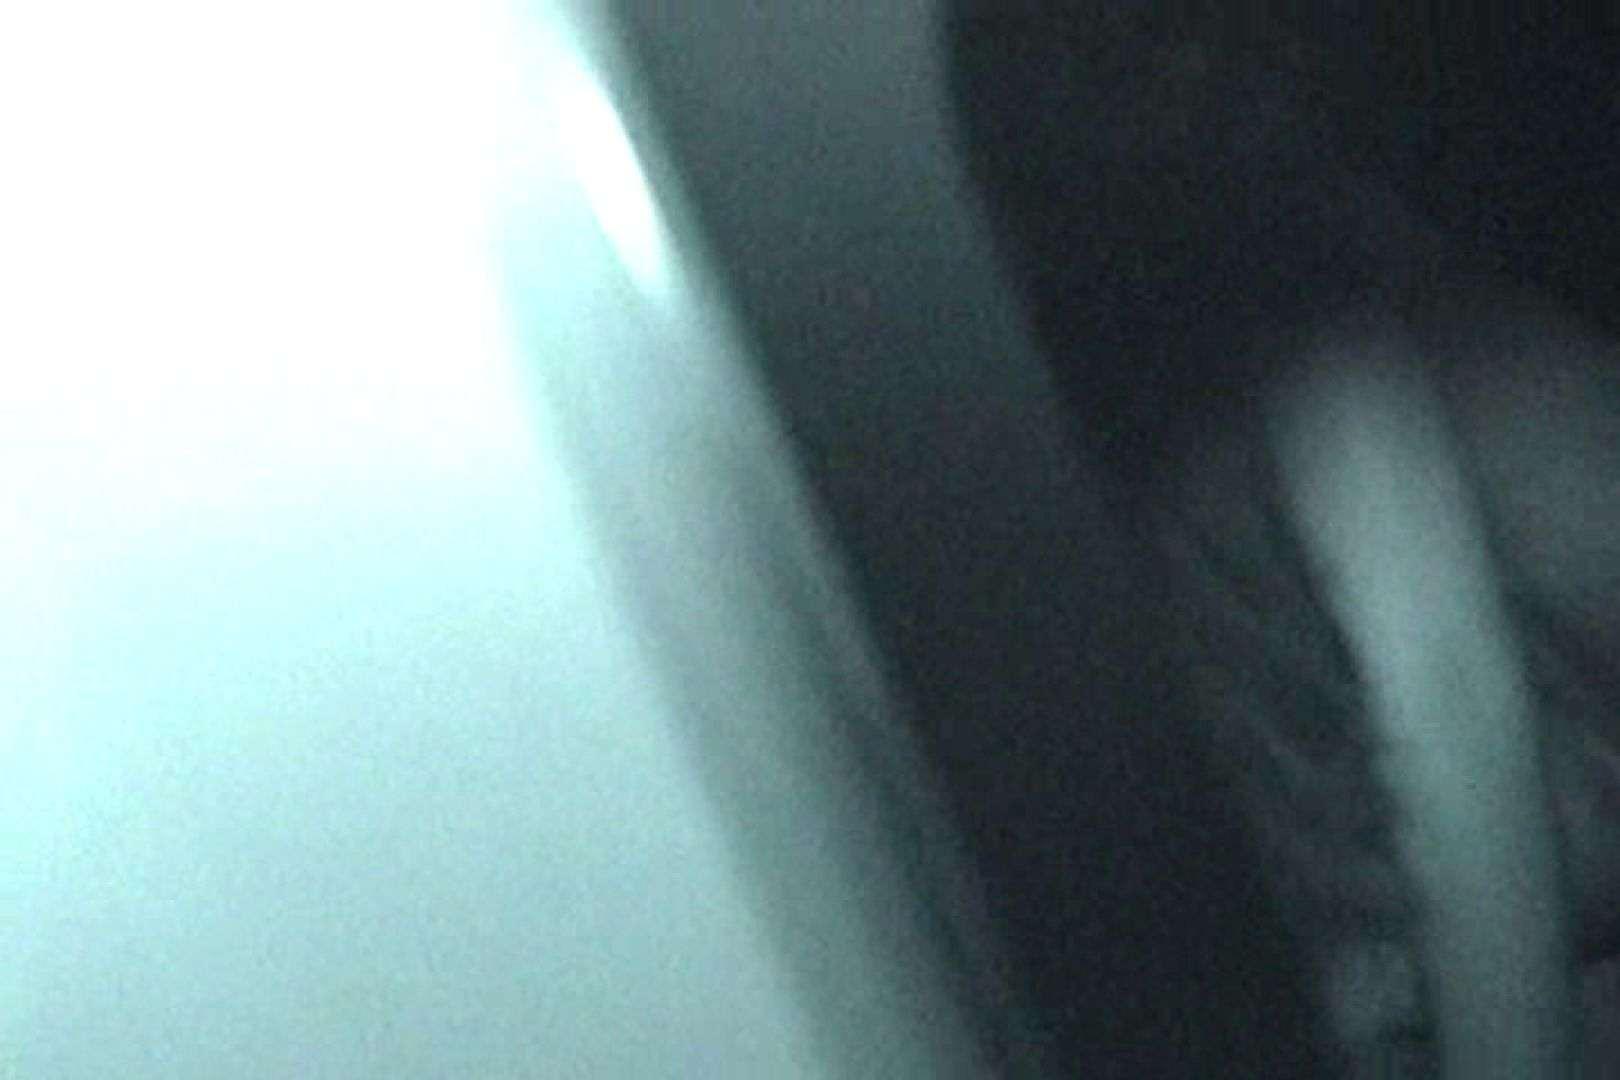 「充血監督」さんの深夜の運動会!! vol.005 OLの実態  67pic 60